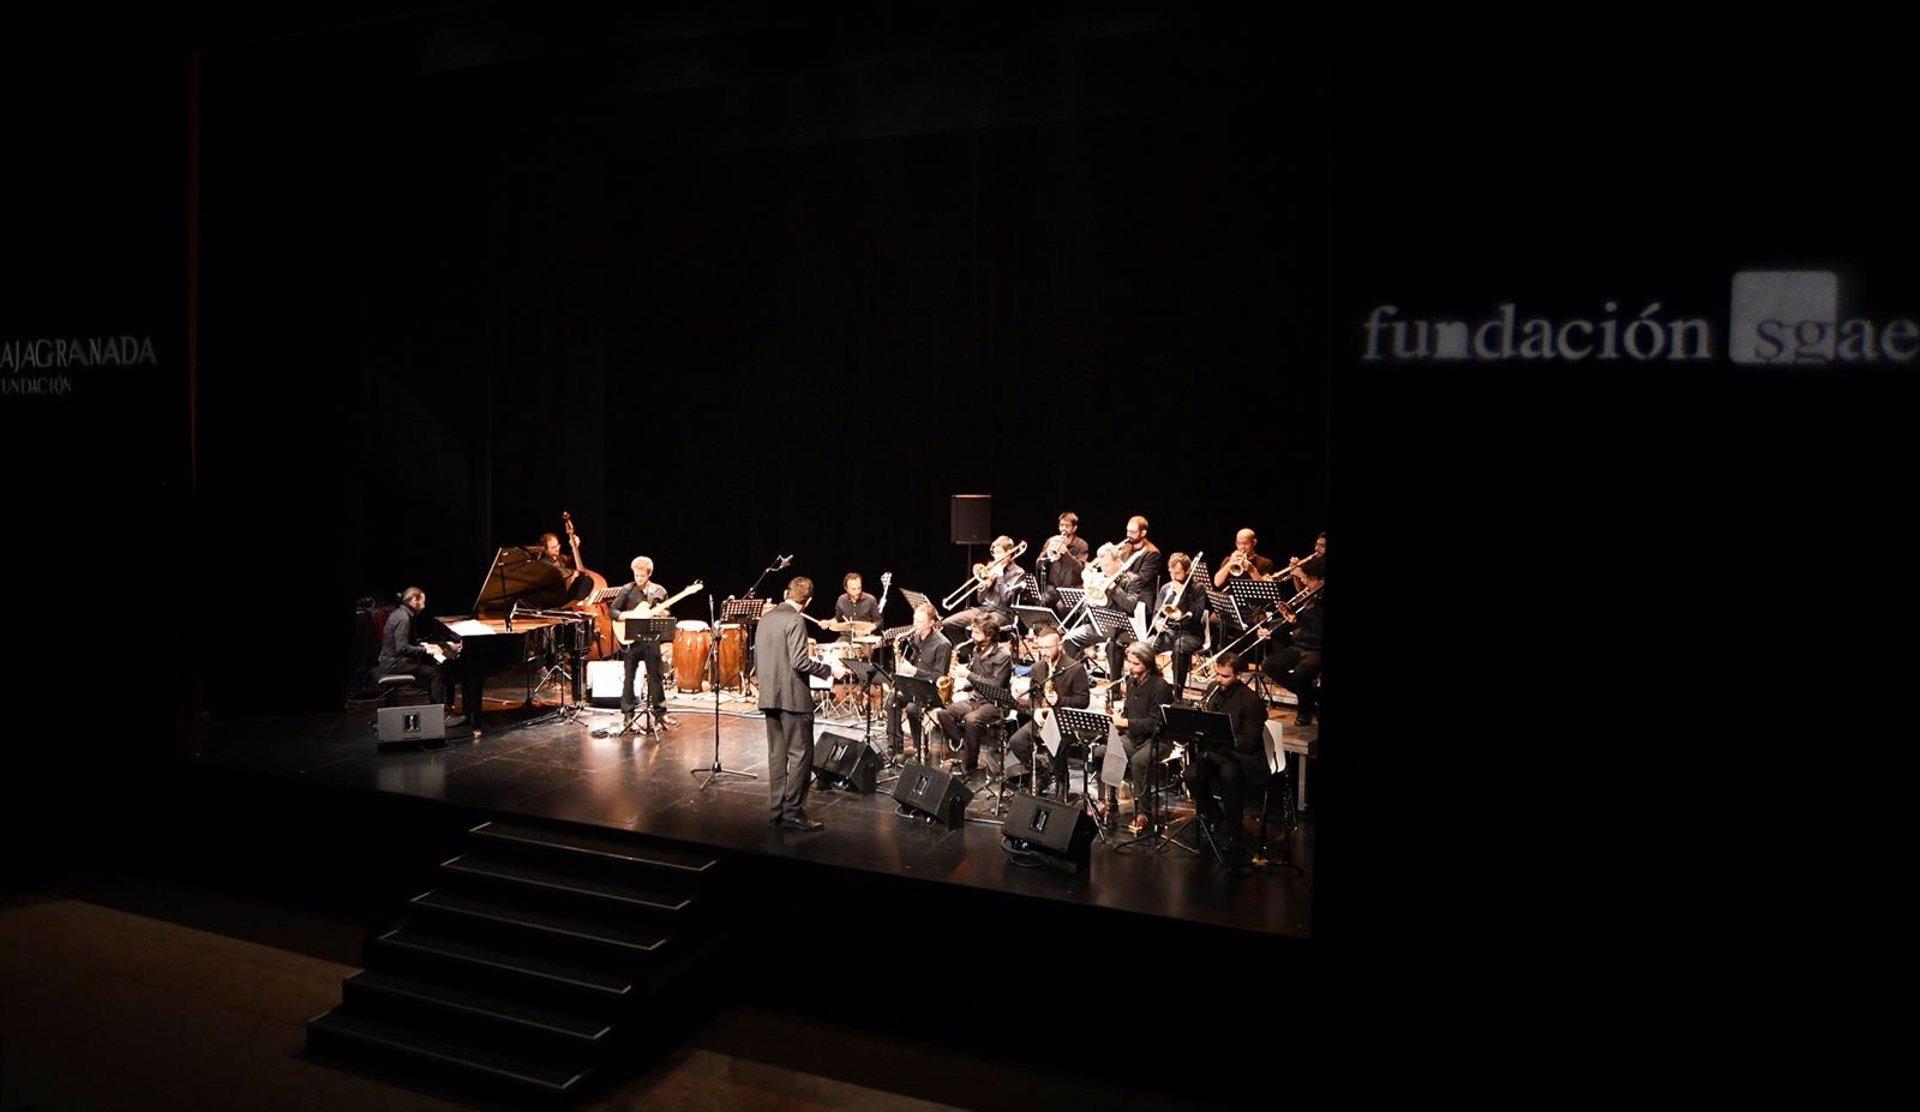 Abre el VII Concurso de Composición y Arreglos para Big Band de la Asociación Ool-Ya-Koo y la Fundación SGAE